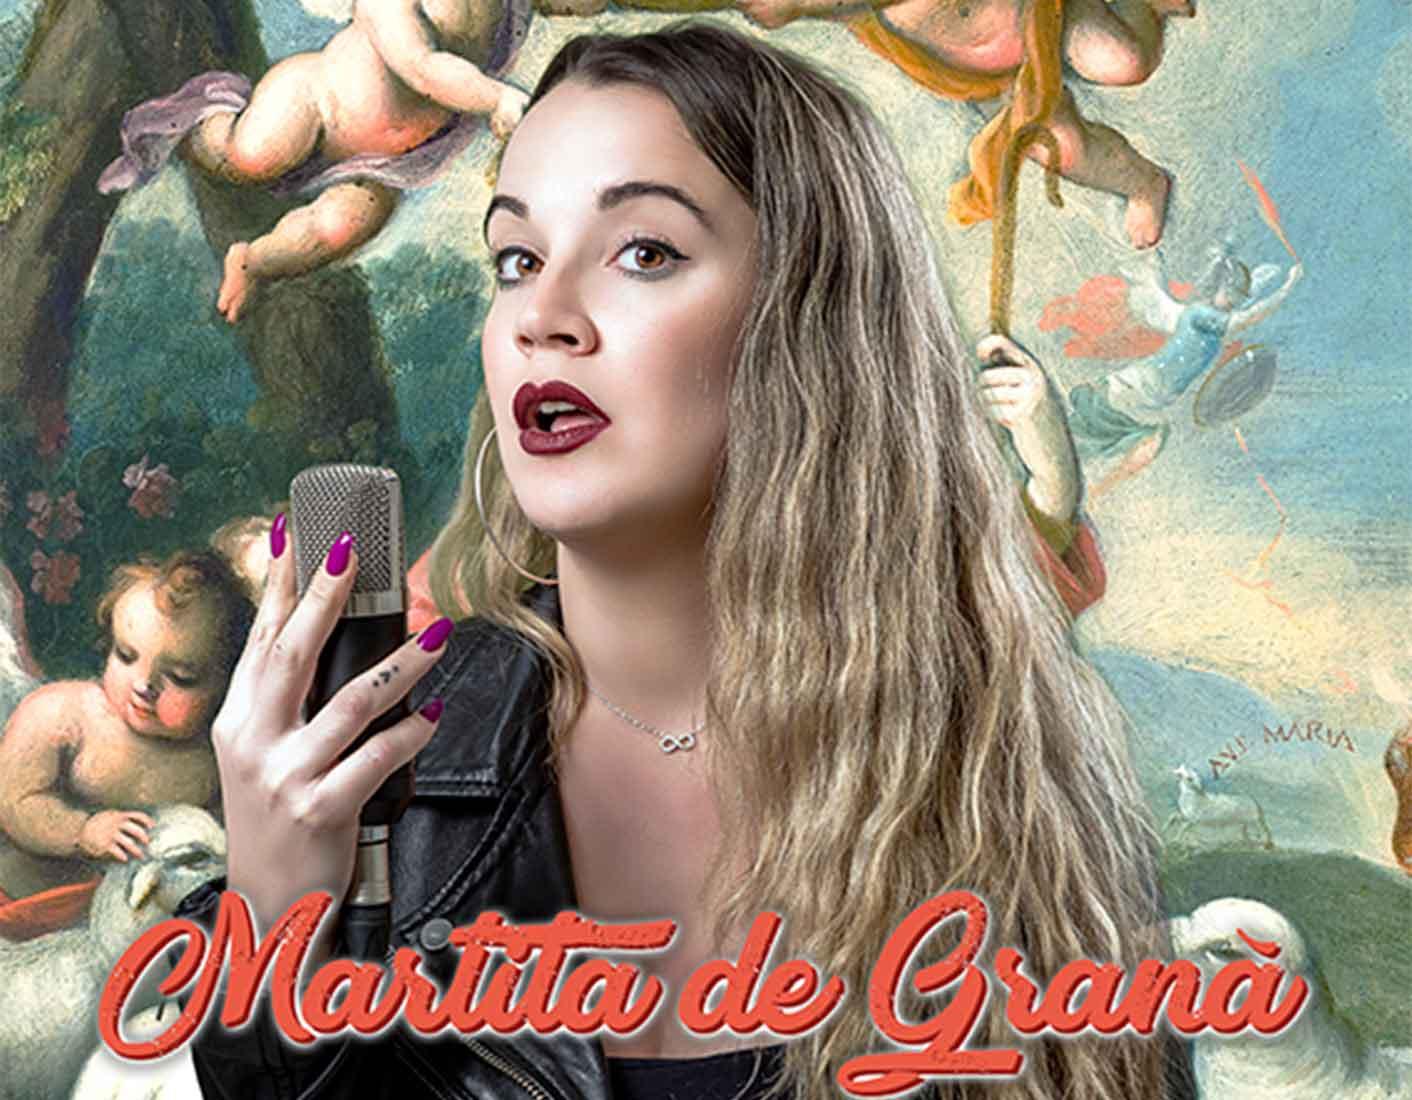 martita-de-grana-en-zaragoza-5def9519c4648.jpeg